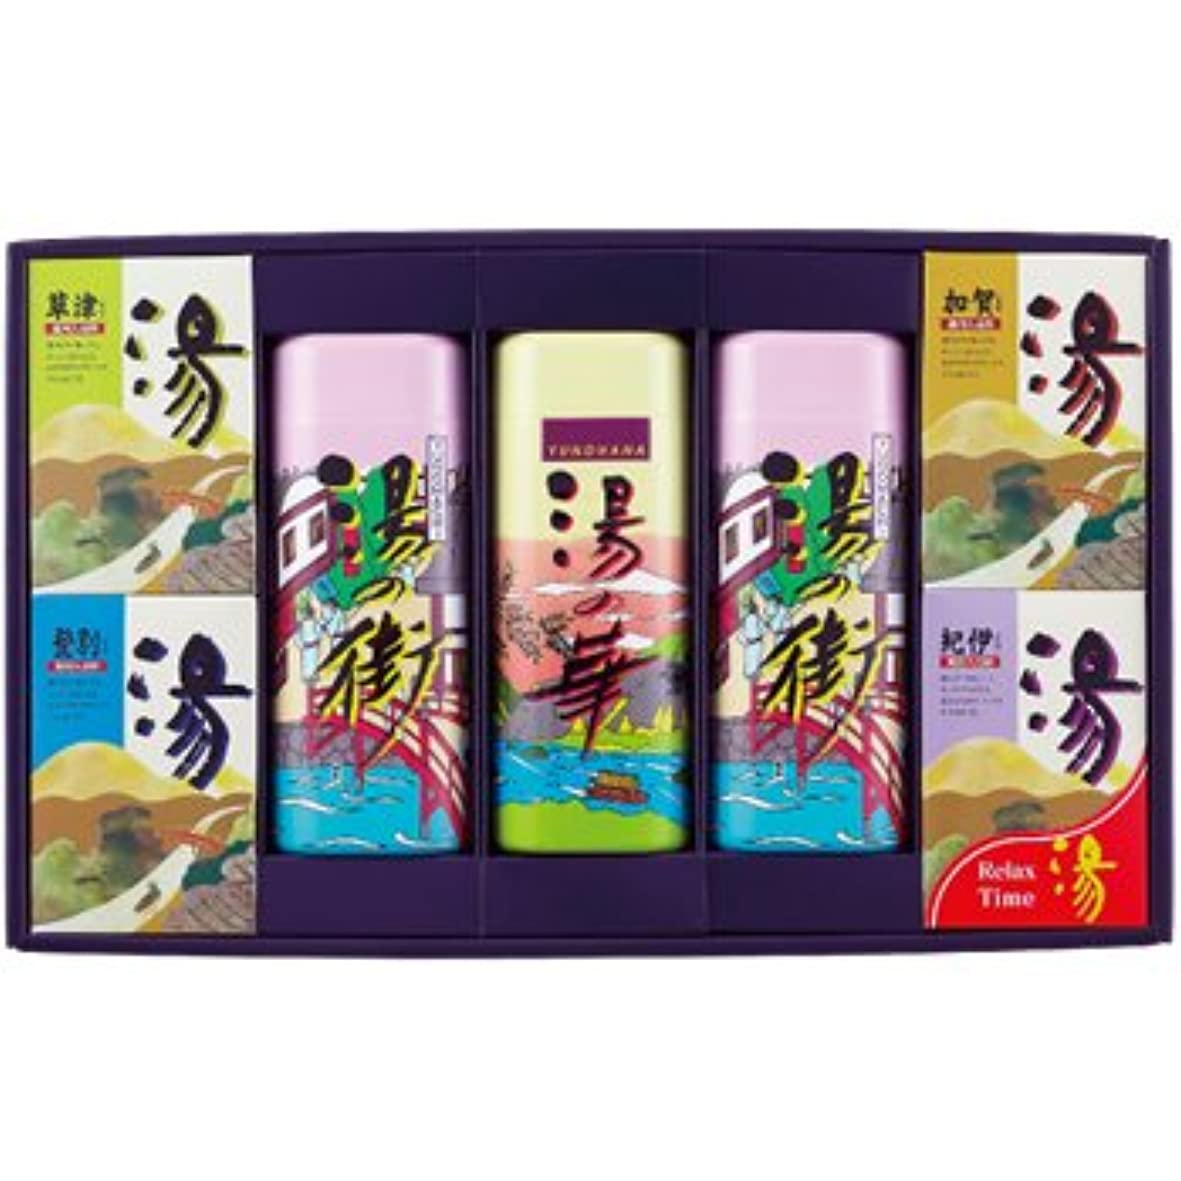 症候群潤滑する幻影北陸化成 薬用入浴剤 湯 HK-50